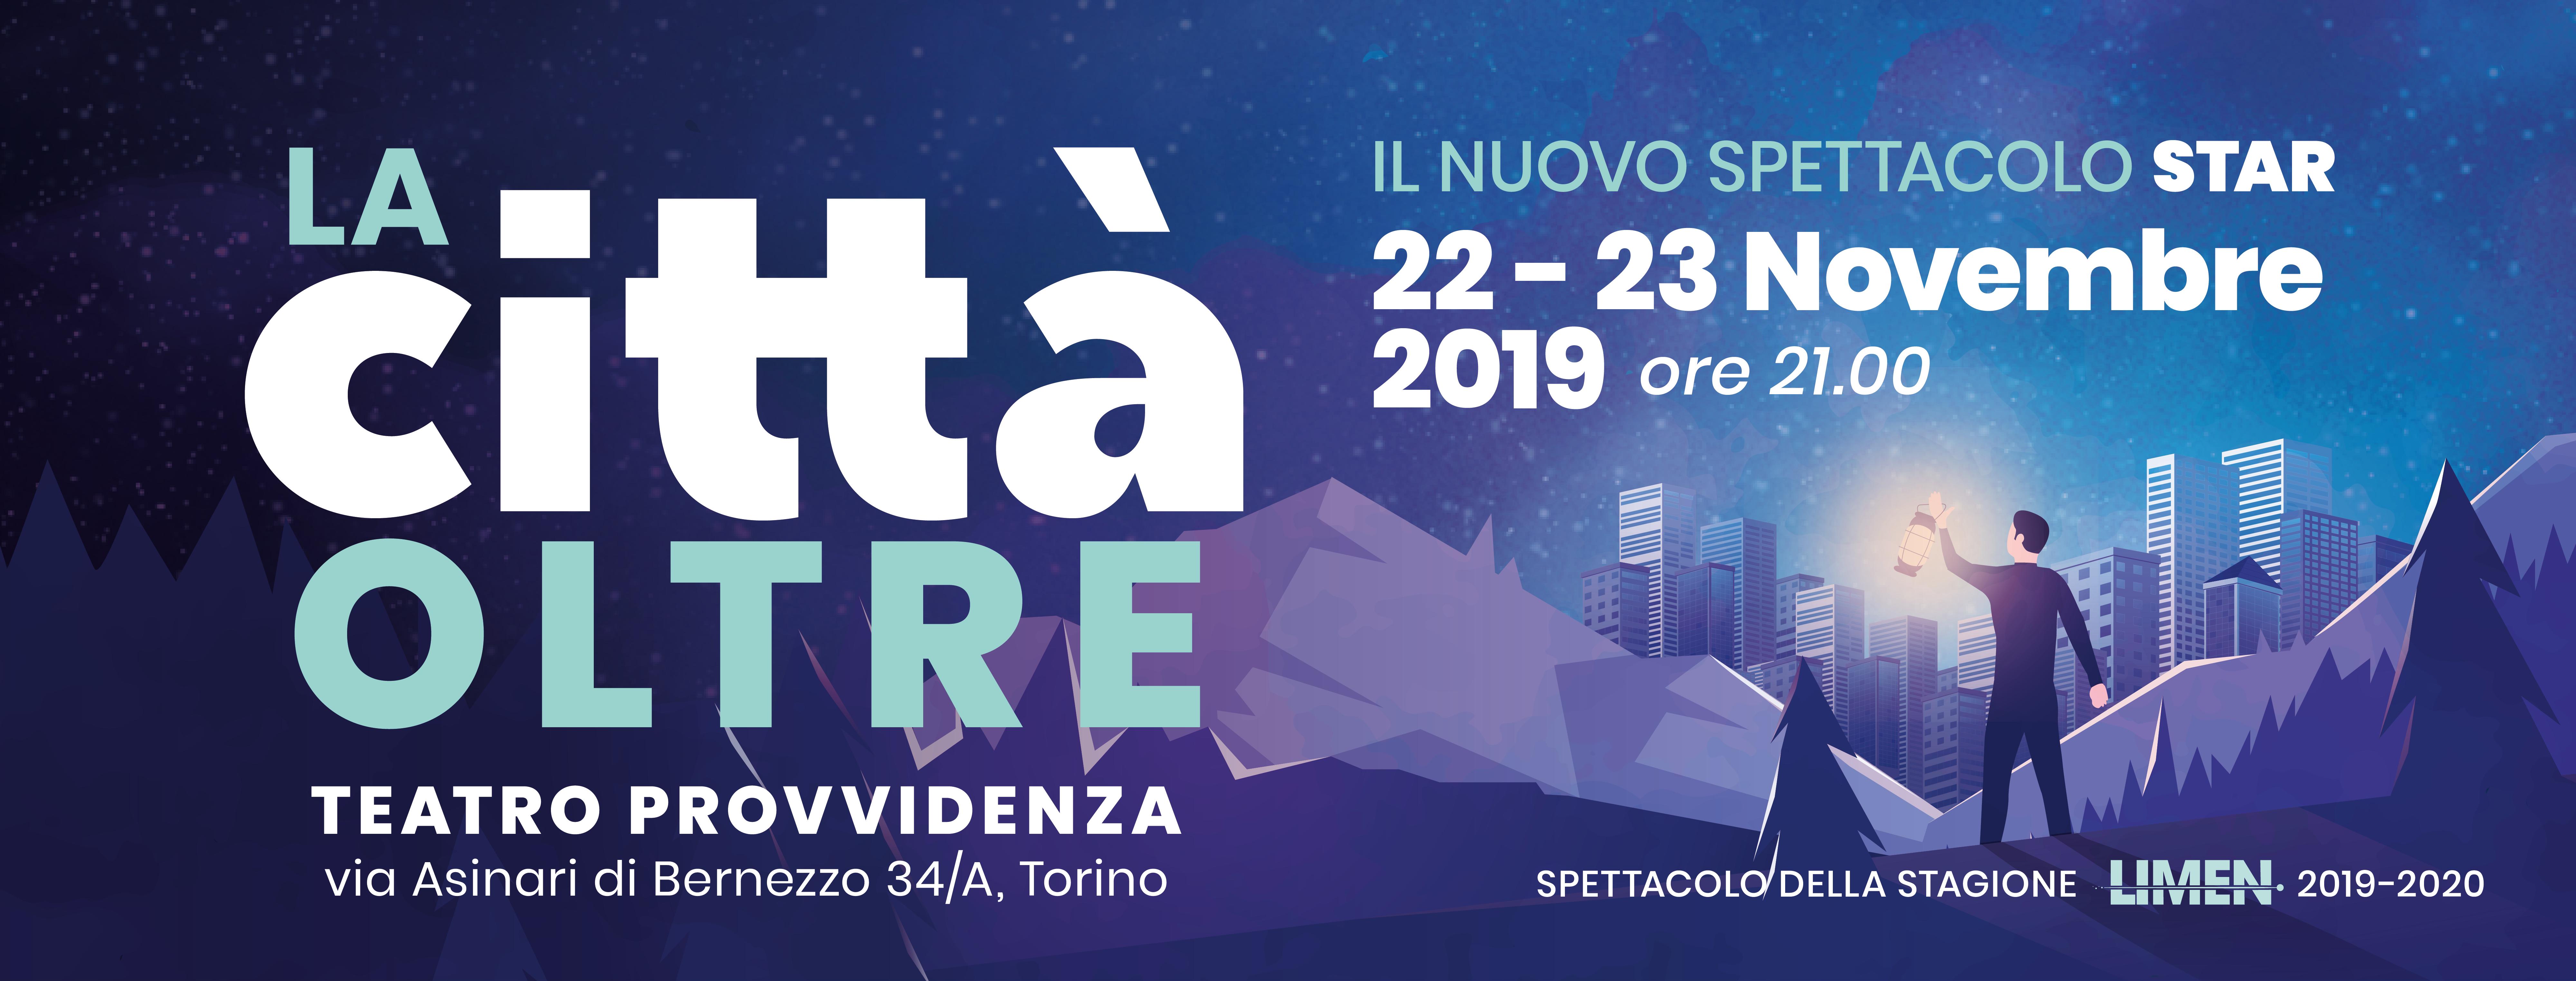 CittaOltre-ImmagineCOPface-01